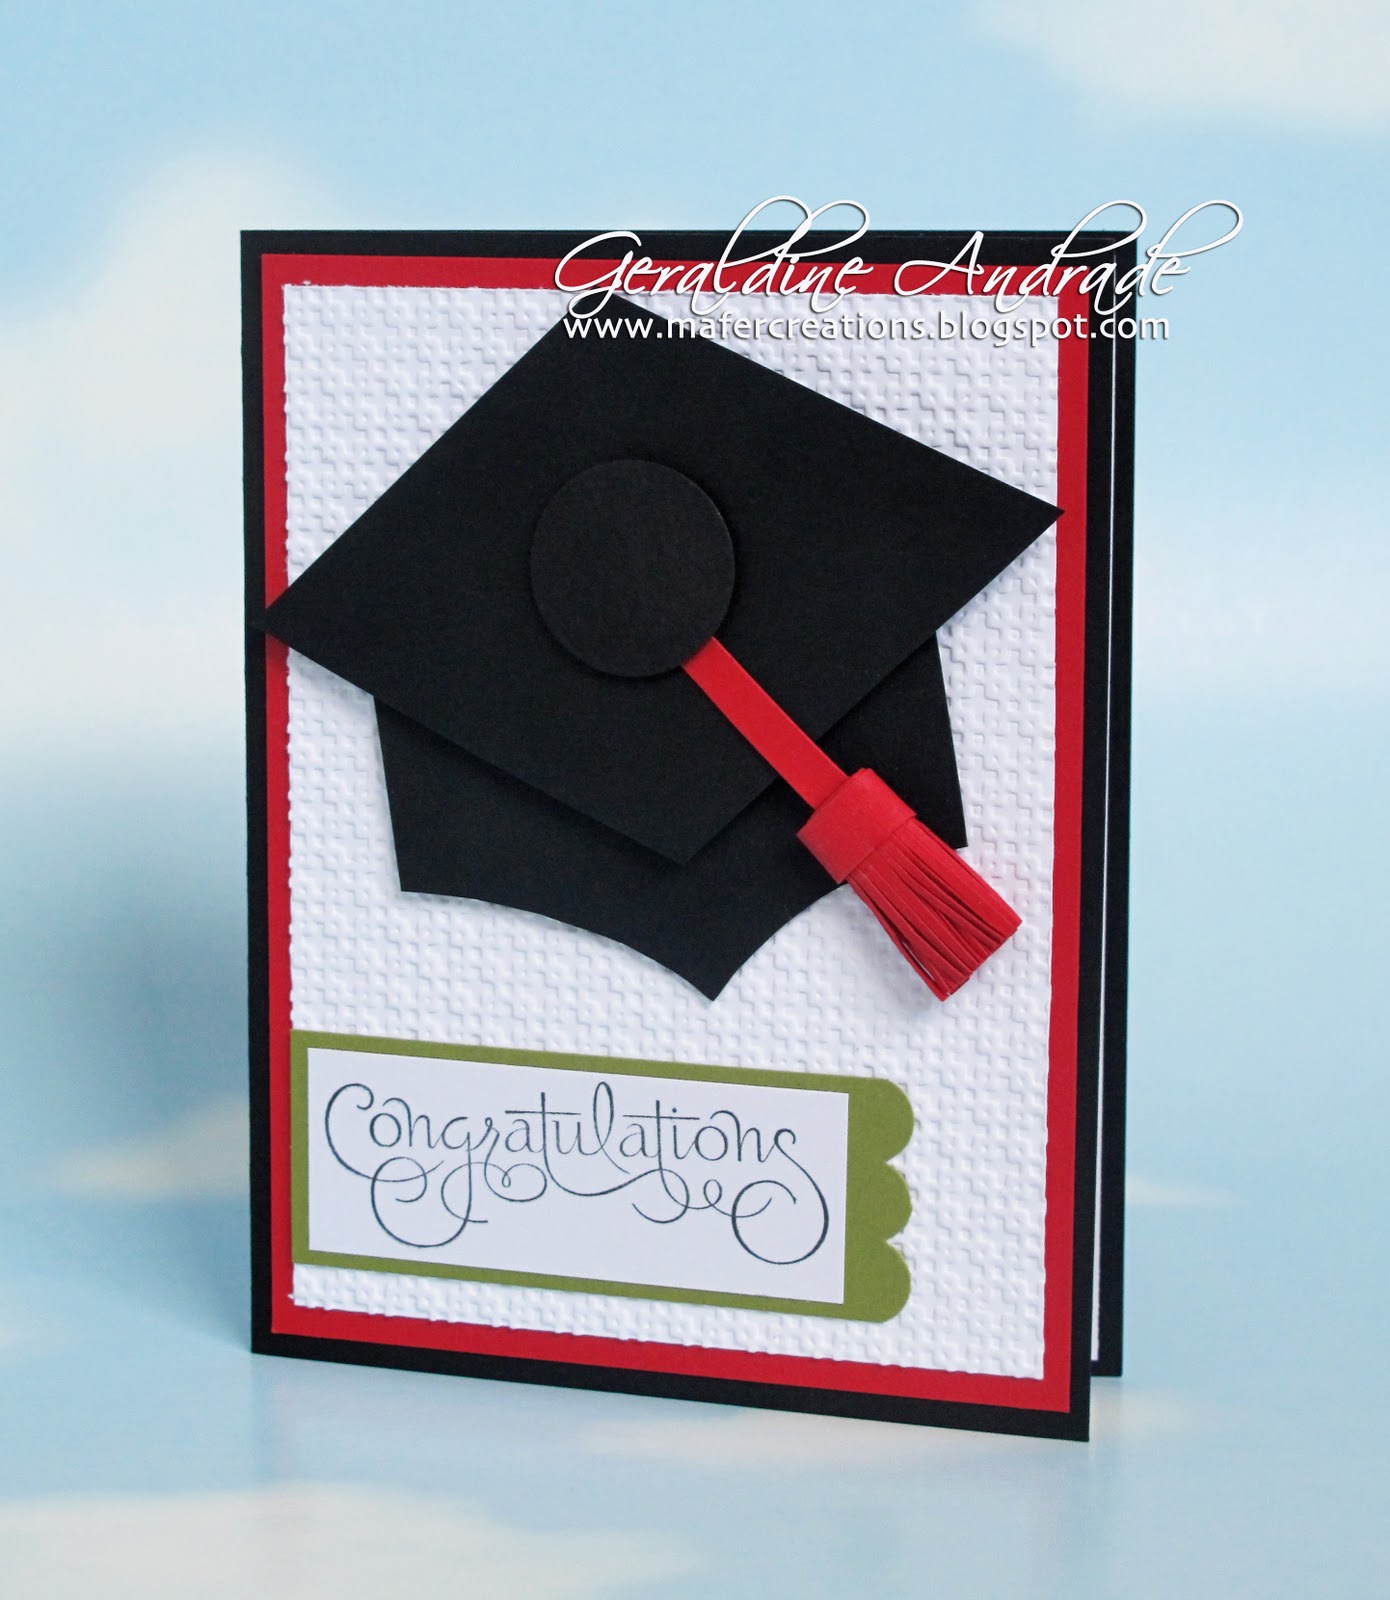 10 Tips para Organizar una Fiesta de Graduación Inolvidable